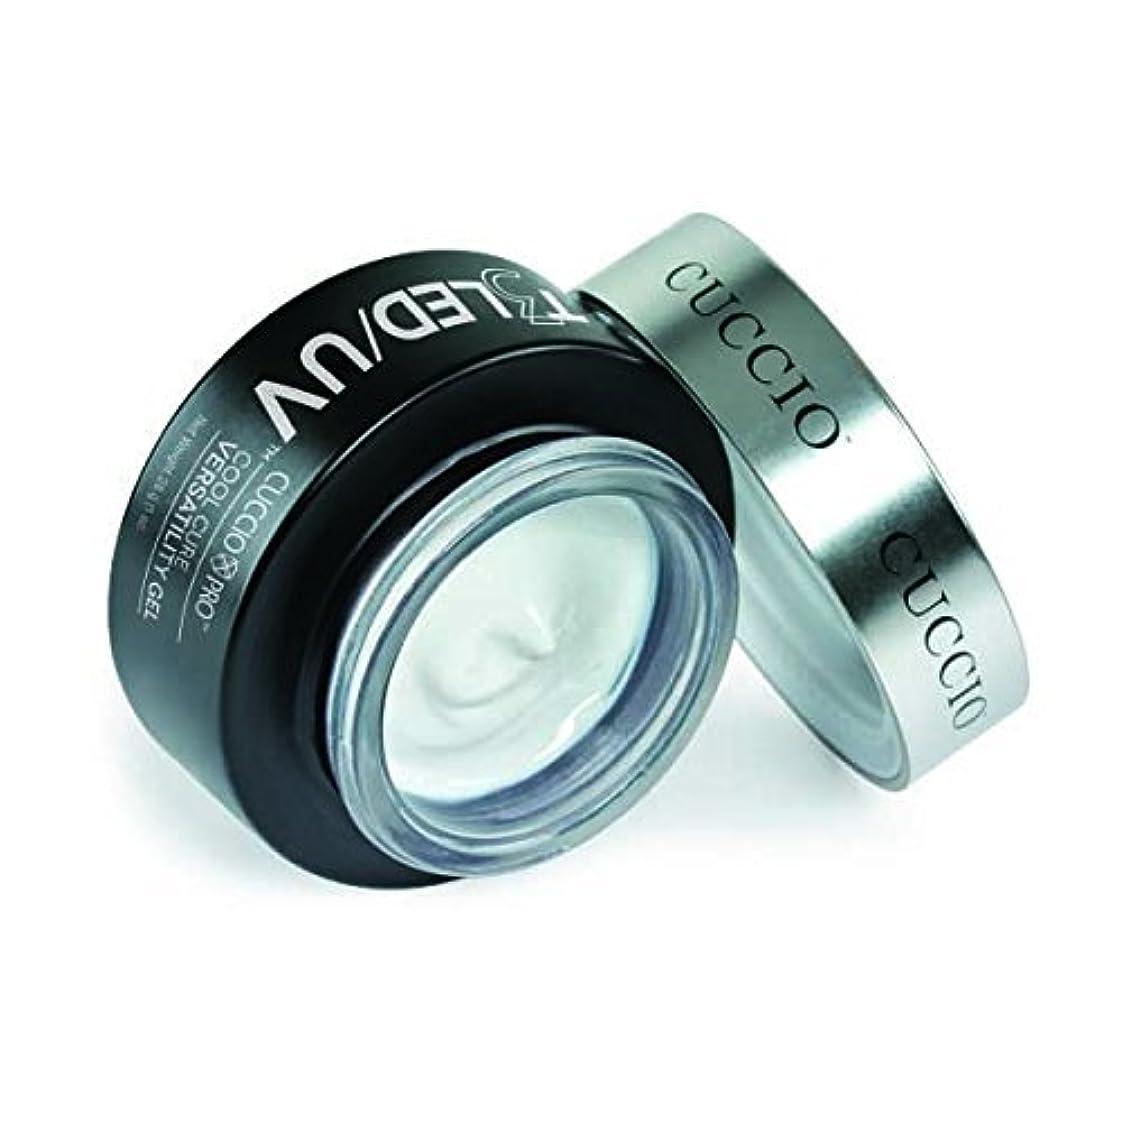 忘れる何提案するCuccio Pro - T3 LED/UV Self- Leveling Gel - Clear - 2oz / 56g